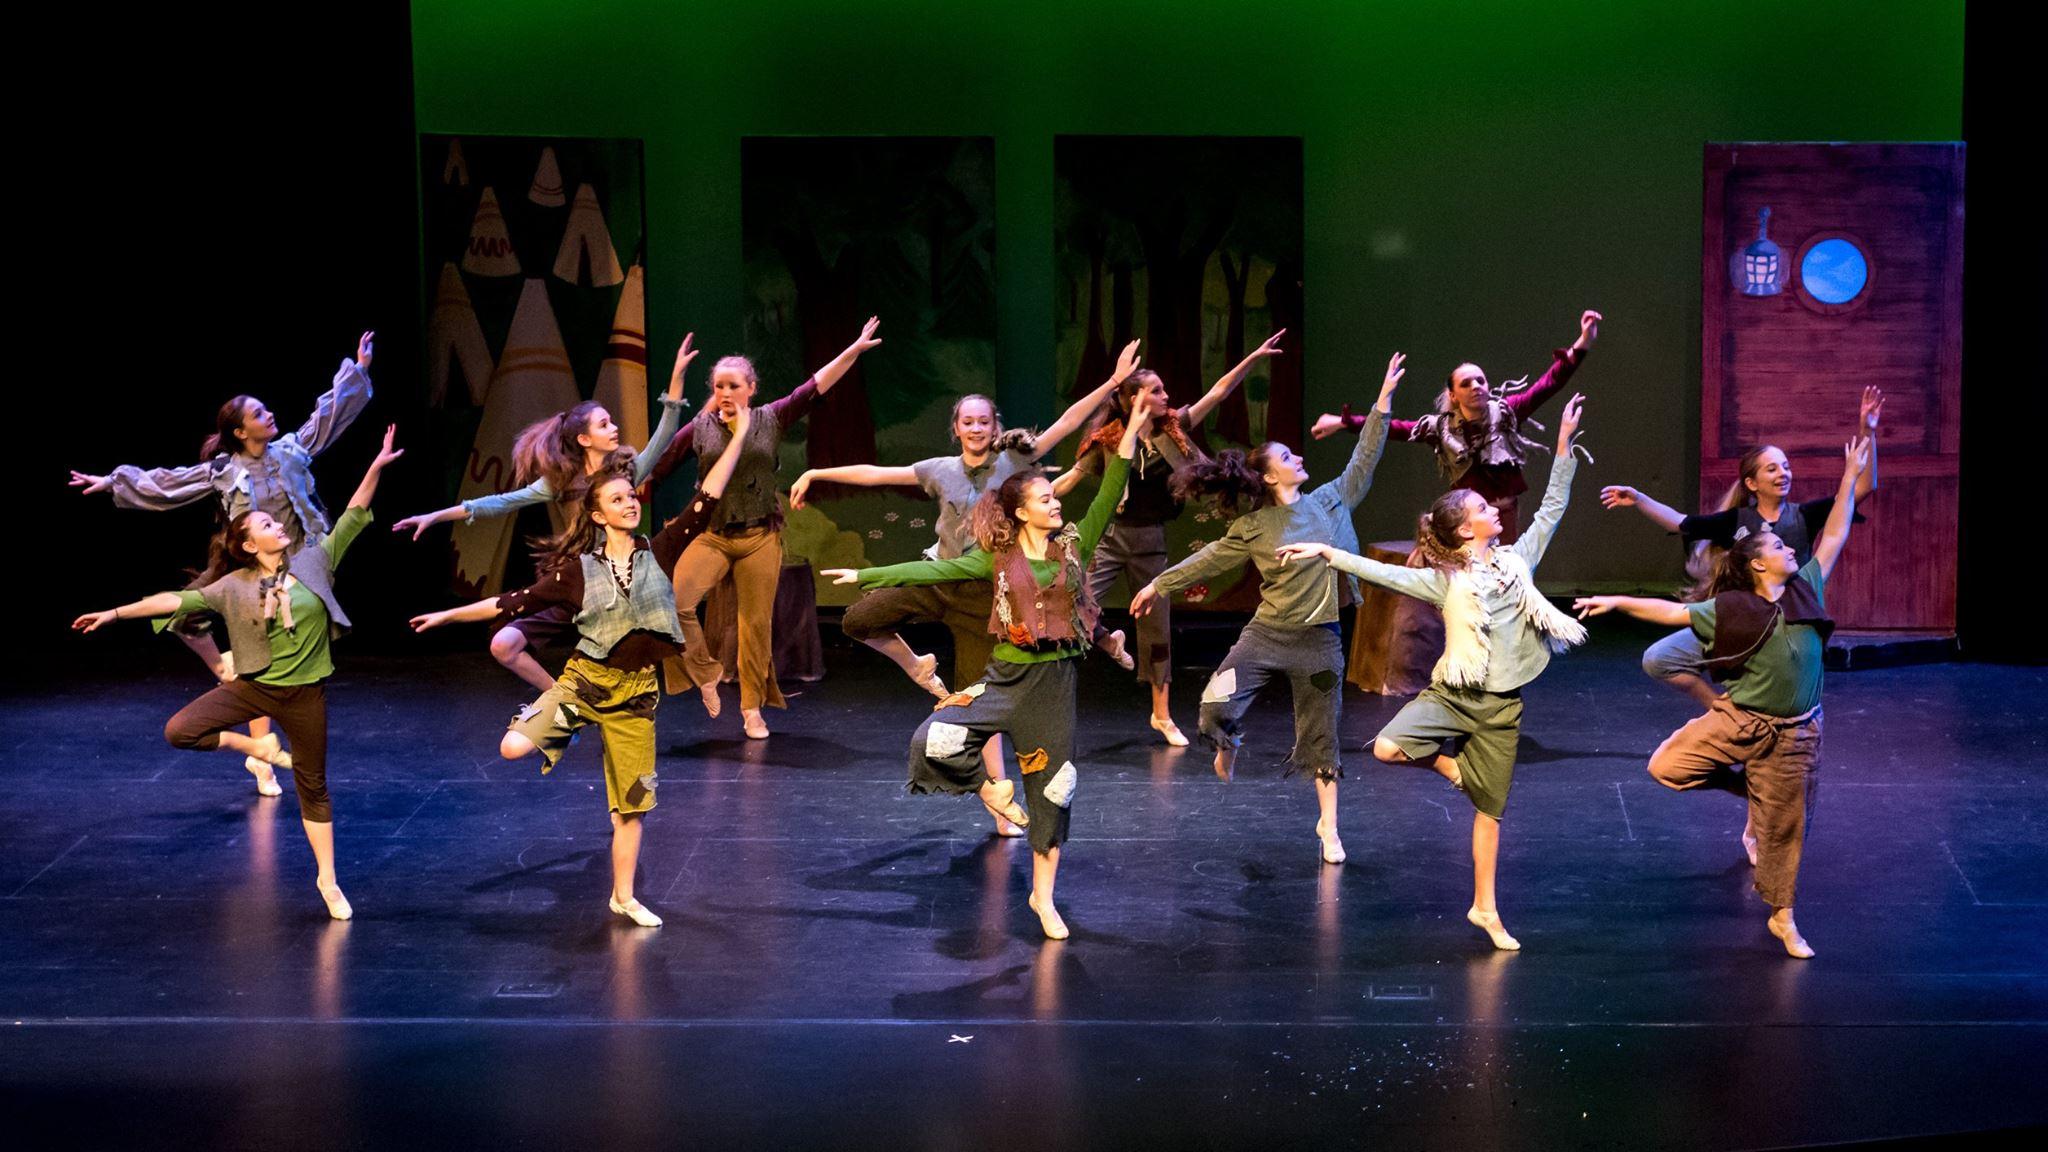 Stavna-Ballet-Midlothian-Ballet-2